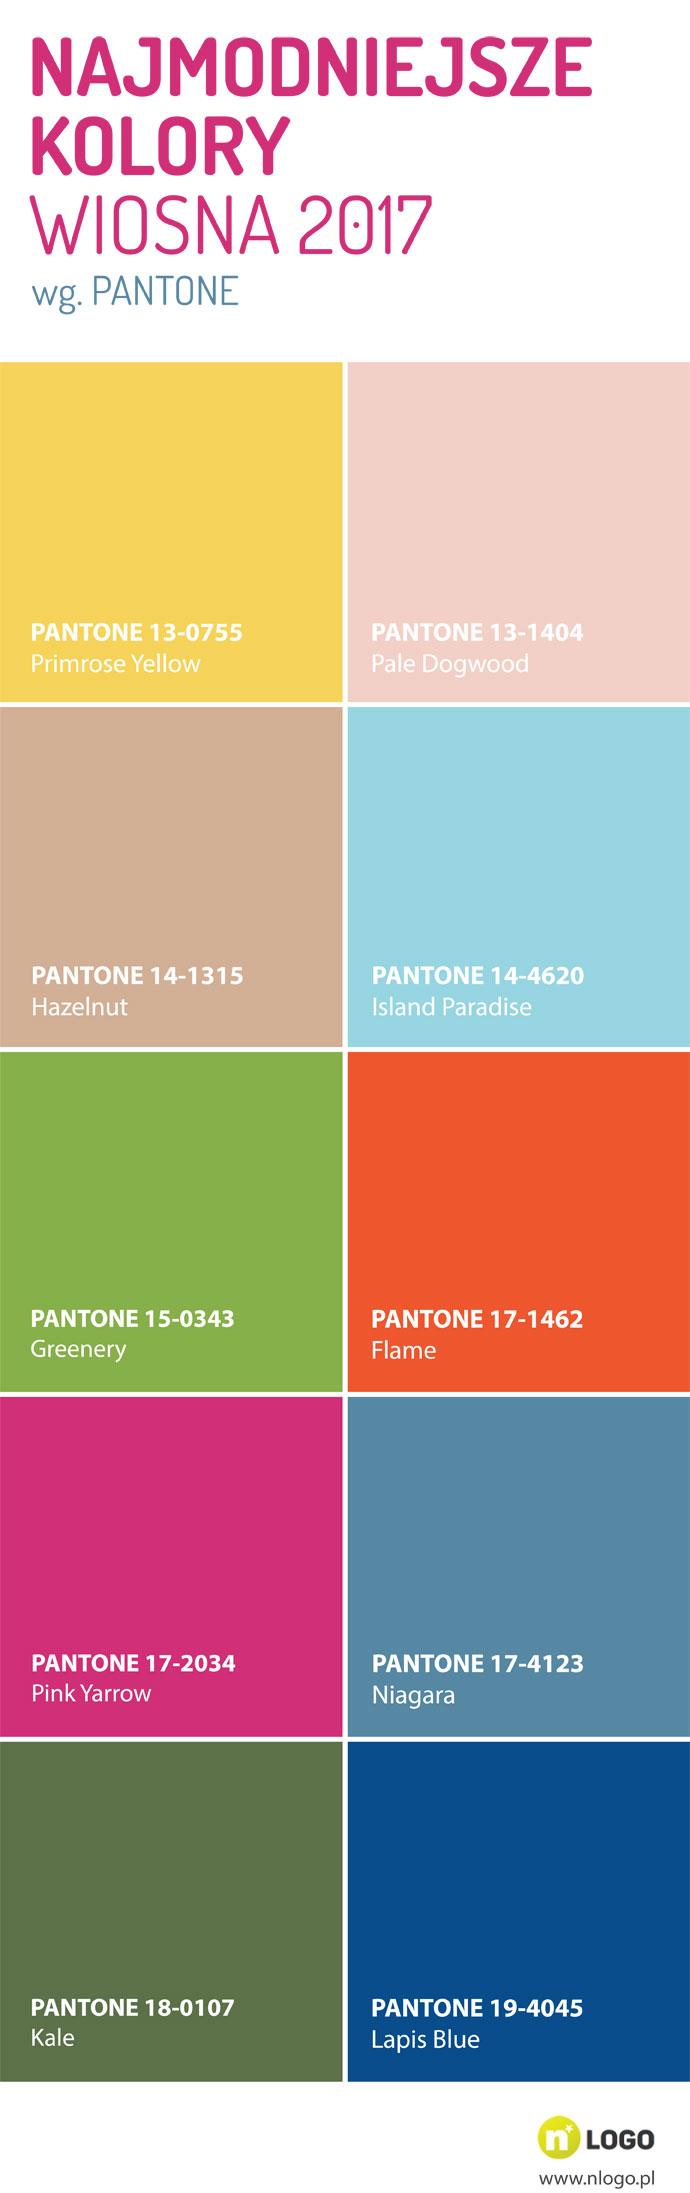 Najmodniejsze kolory 2017 pantone wiosna